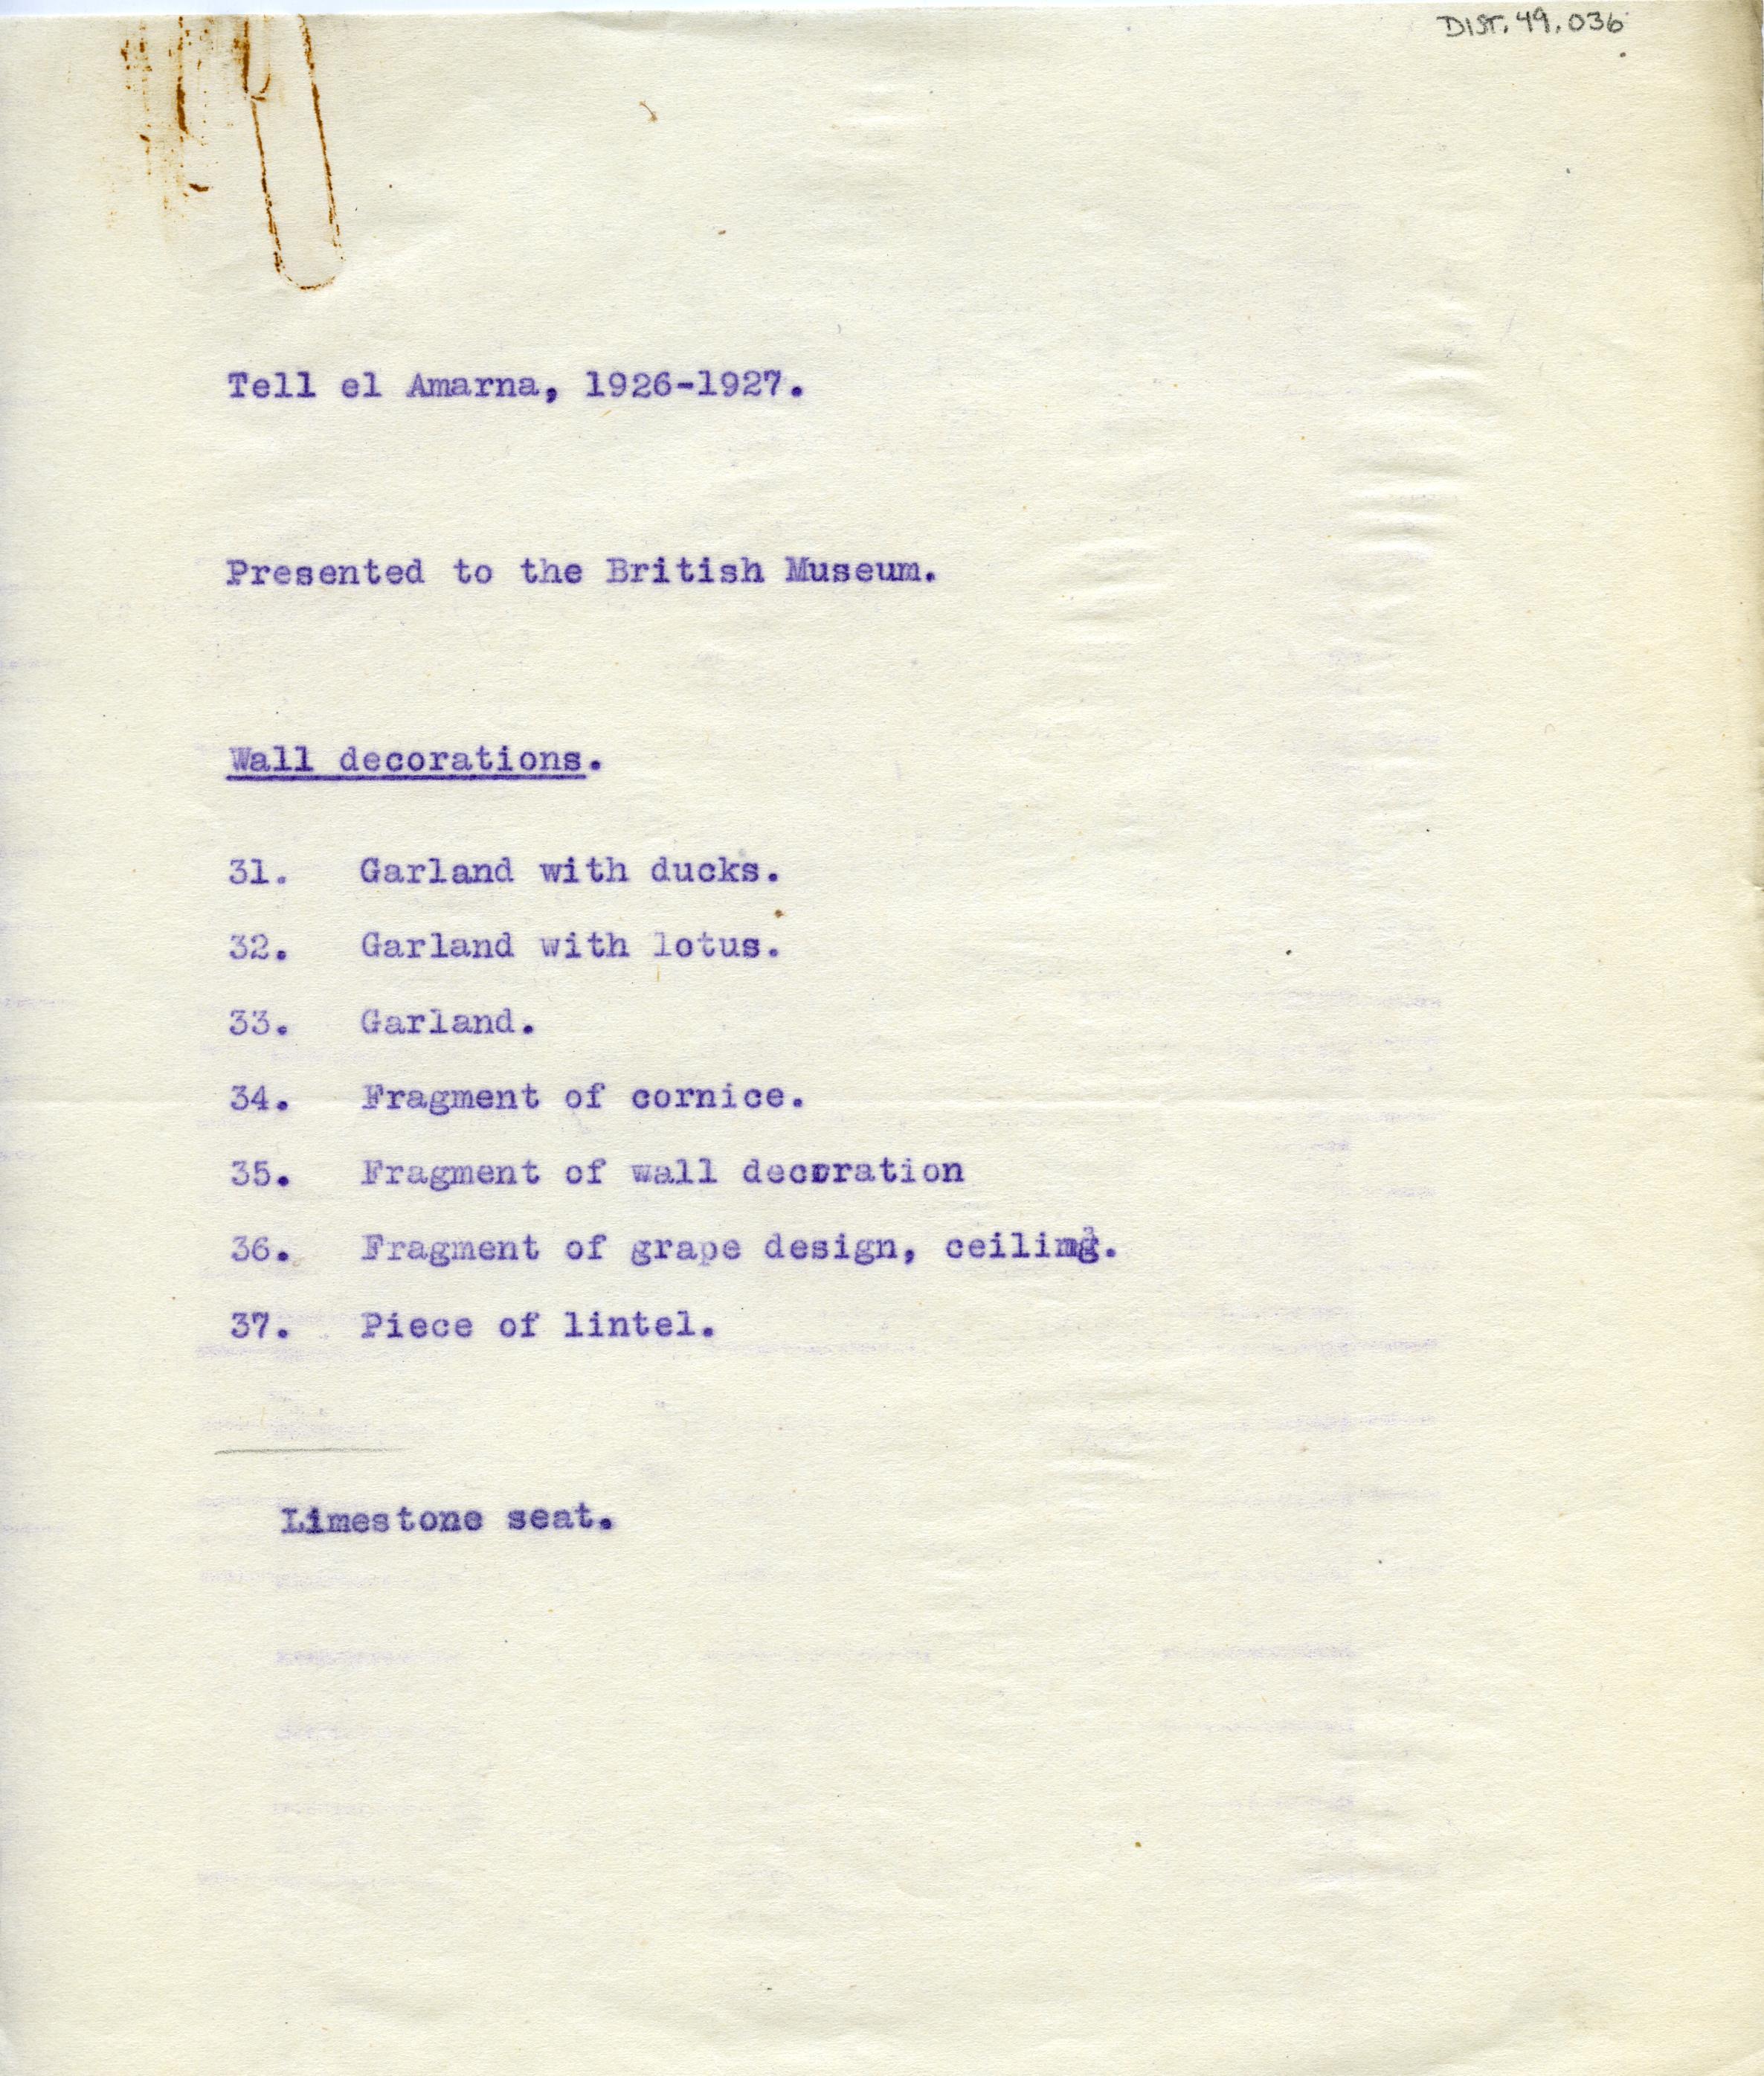 1926-27 el-Amarna DIST.49.036a